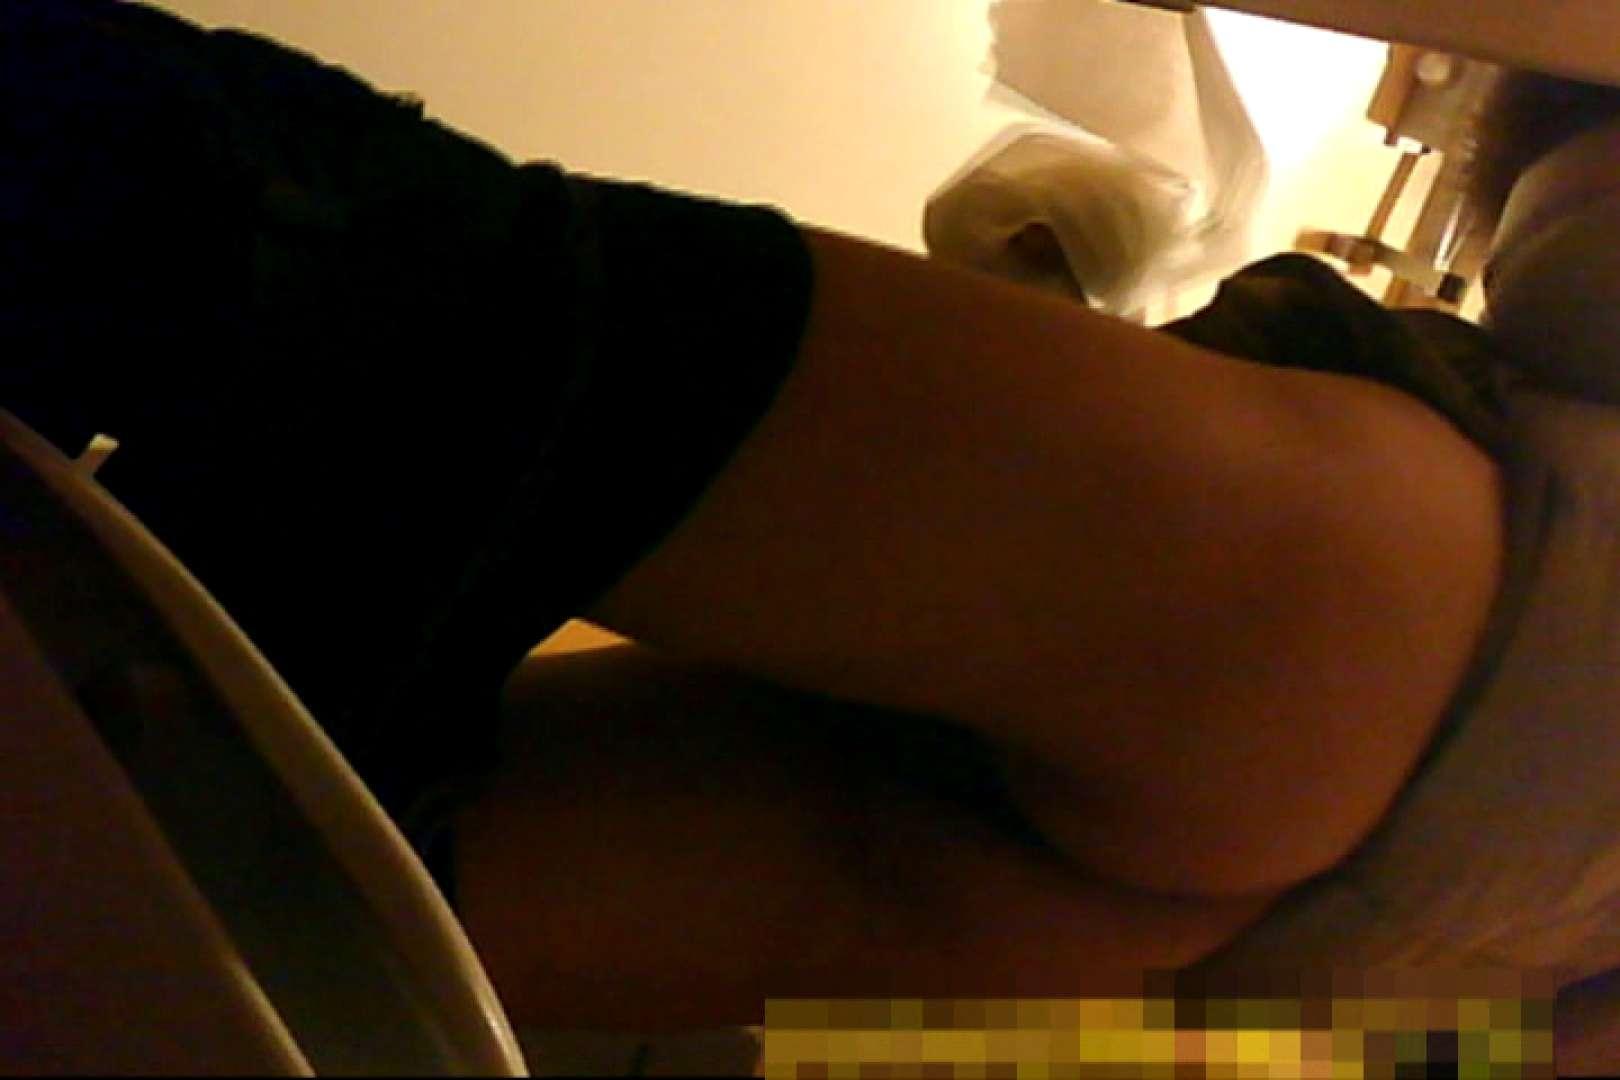 魅惑の化粧室~禁断のプライベート空間~12 盗撮 ぱこり動画紹介 97pic 22